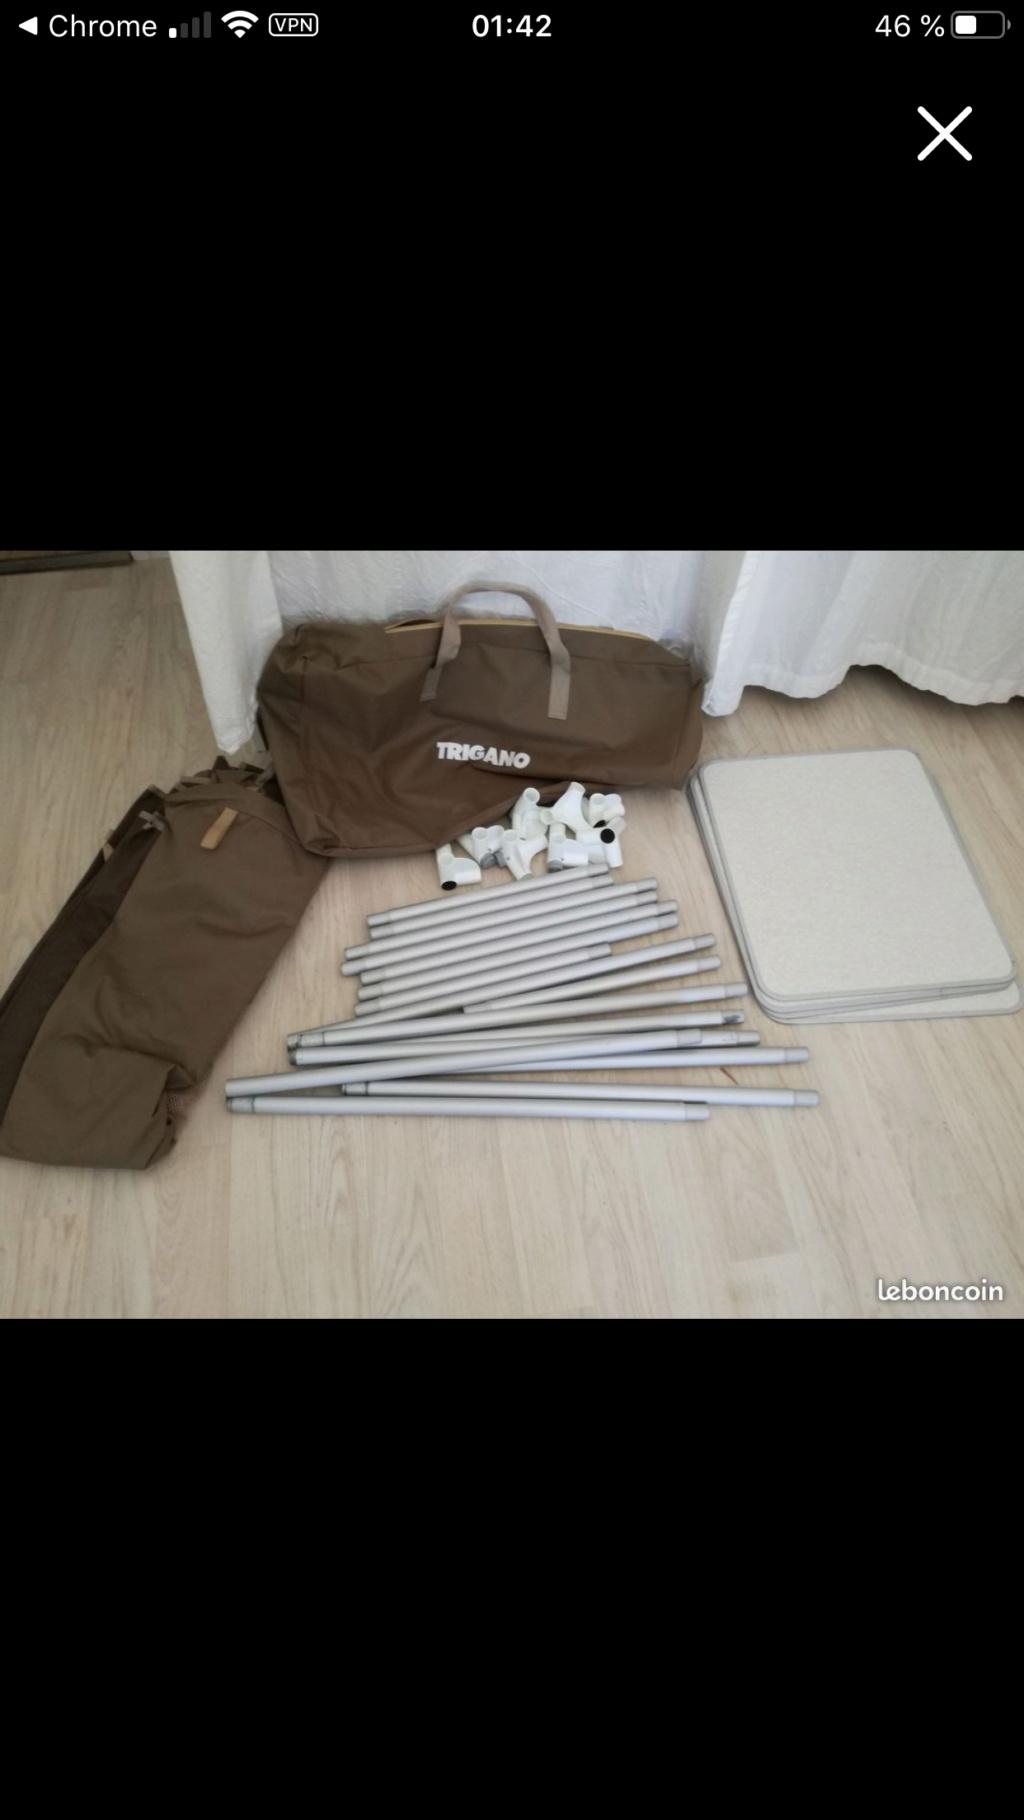 TROUVE ! recherche meuble de rangement trigano 4 étagères 2e419e10